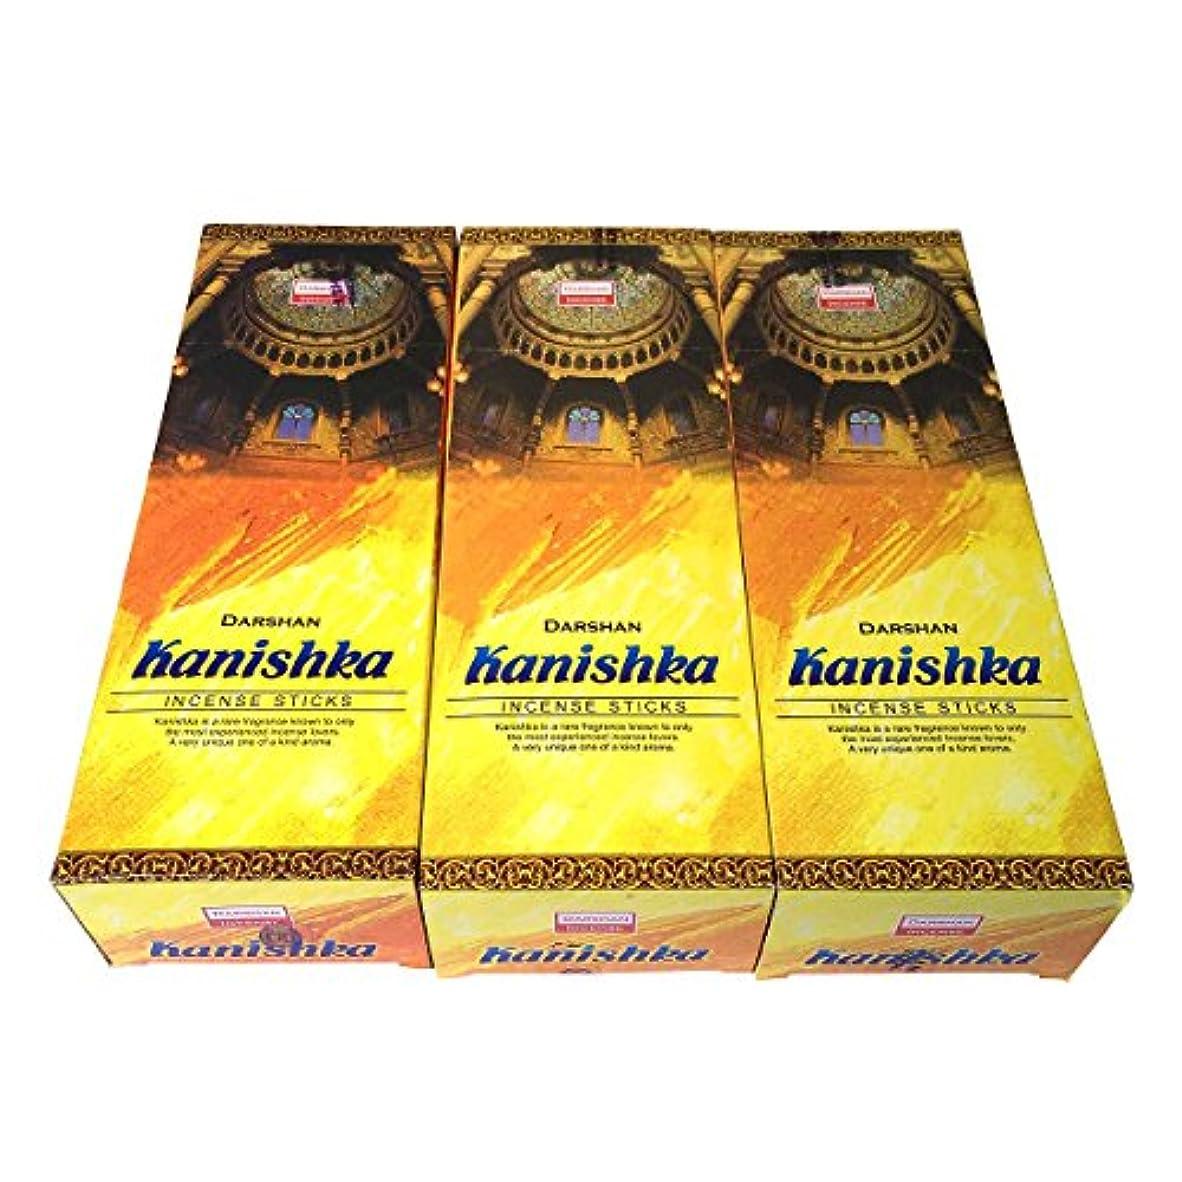 嫌がらせ勧告解決カニシュカ香スティック 3BOX(18箱) /DARSHAN KANISHKA/インセンス/インド香 お香 [並行輸入品]